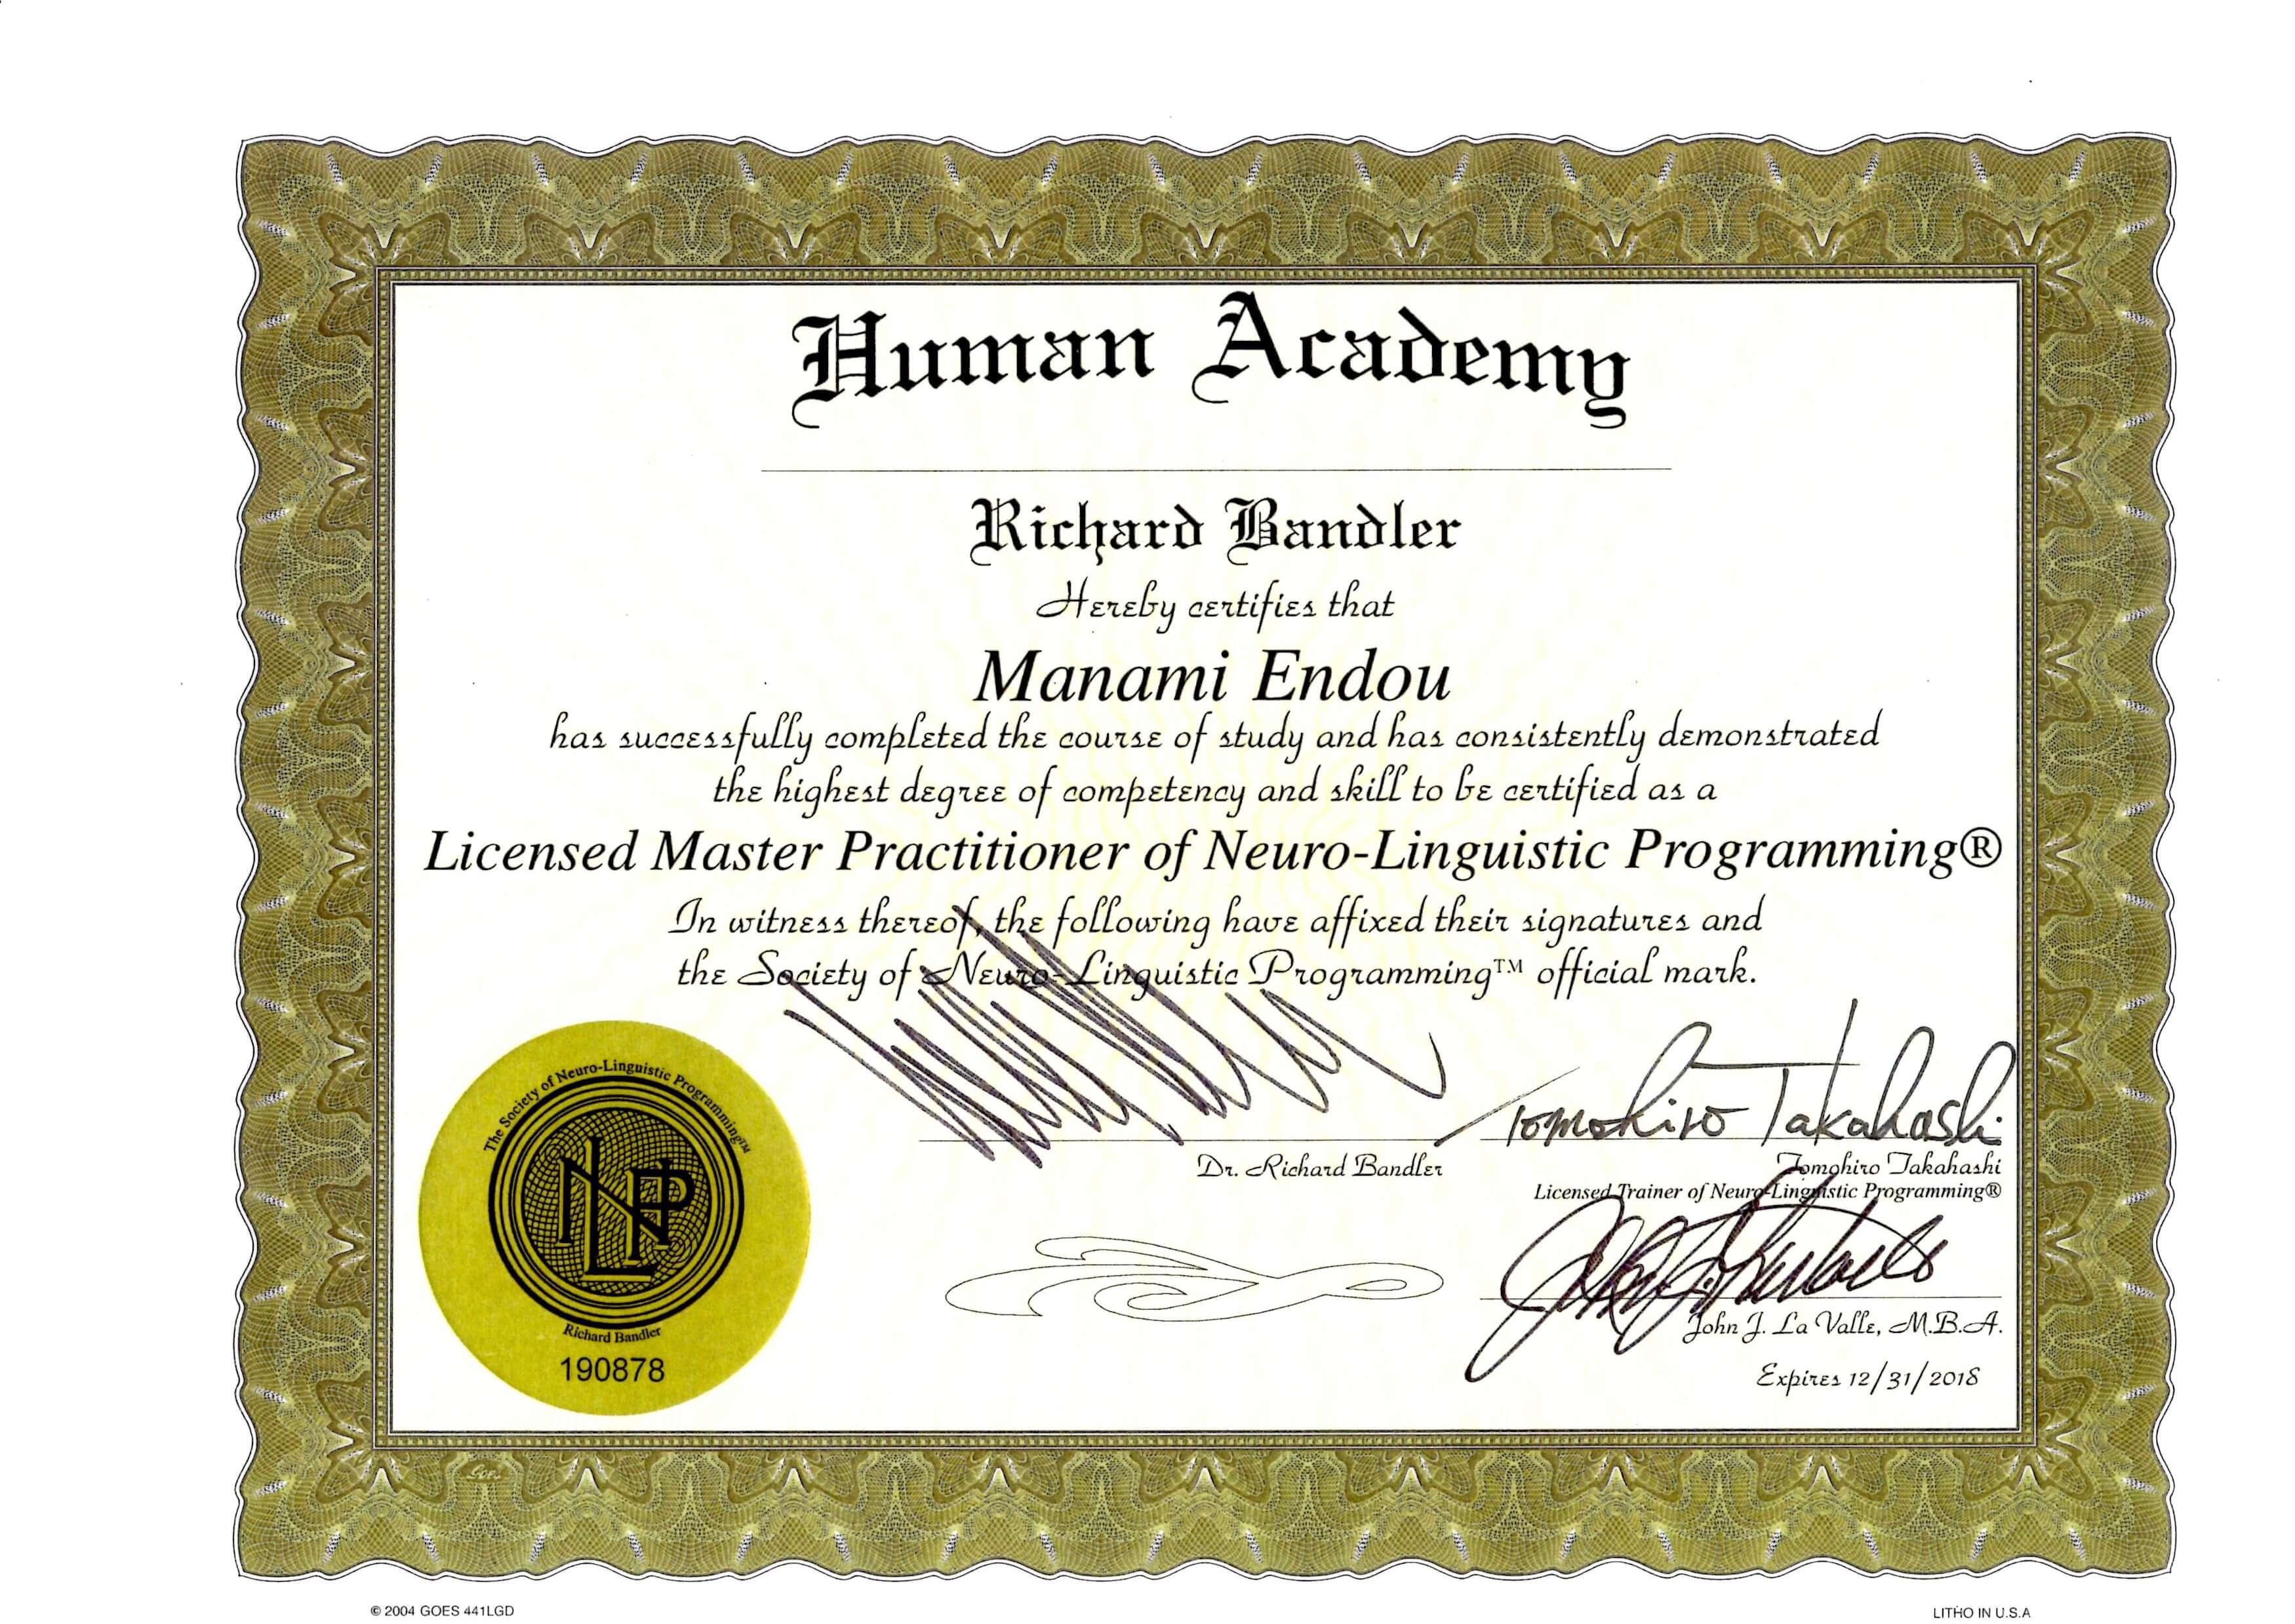 アメリカNLP協会マスタープラクティショナー資格認定書(遠藤まなみ)